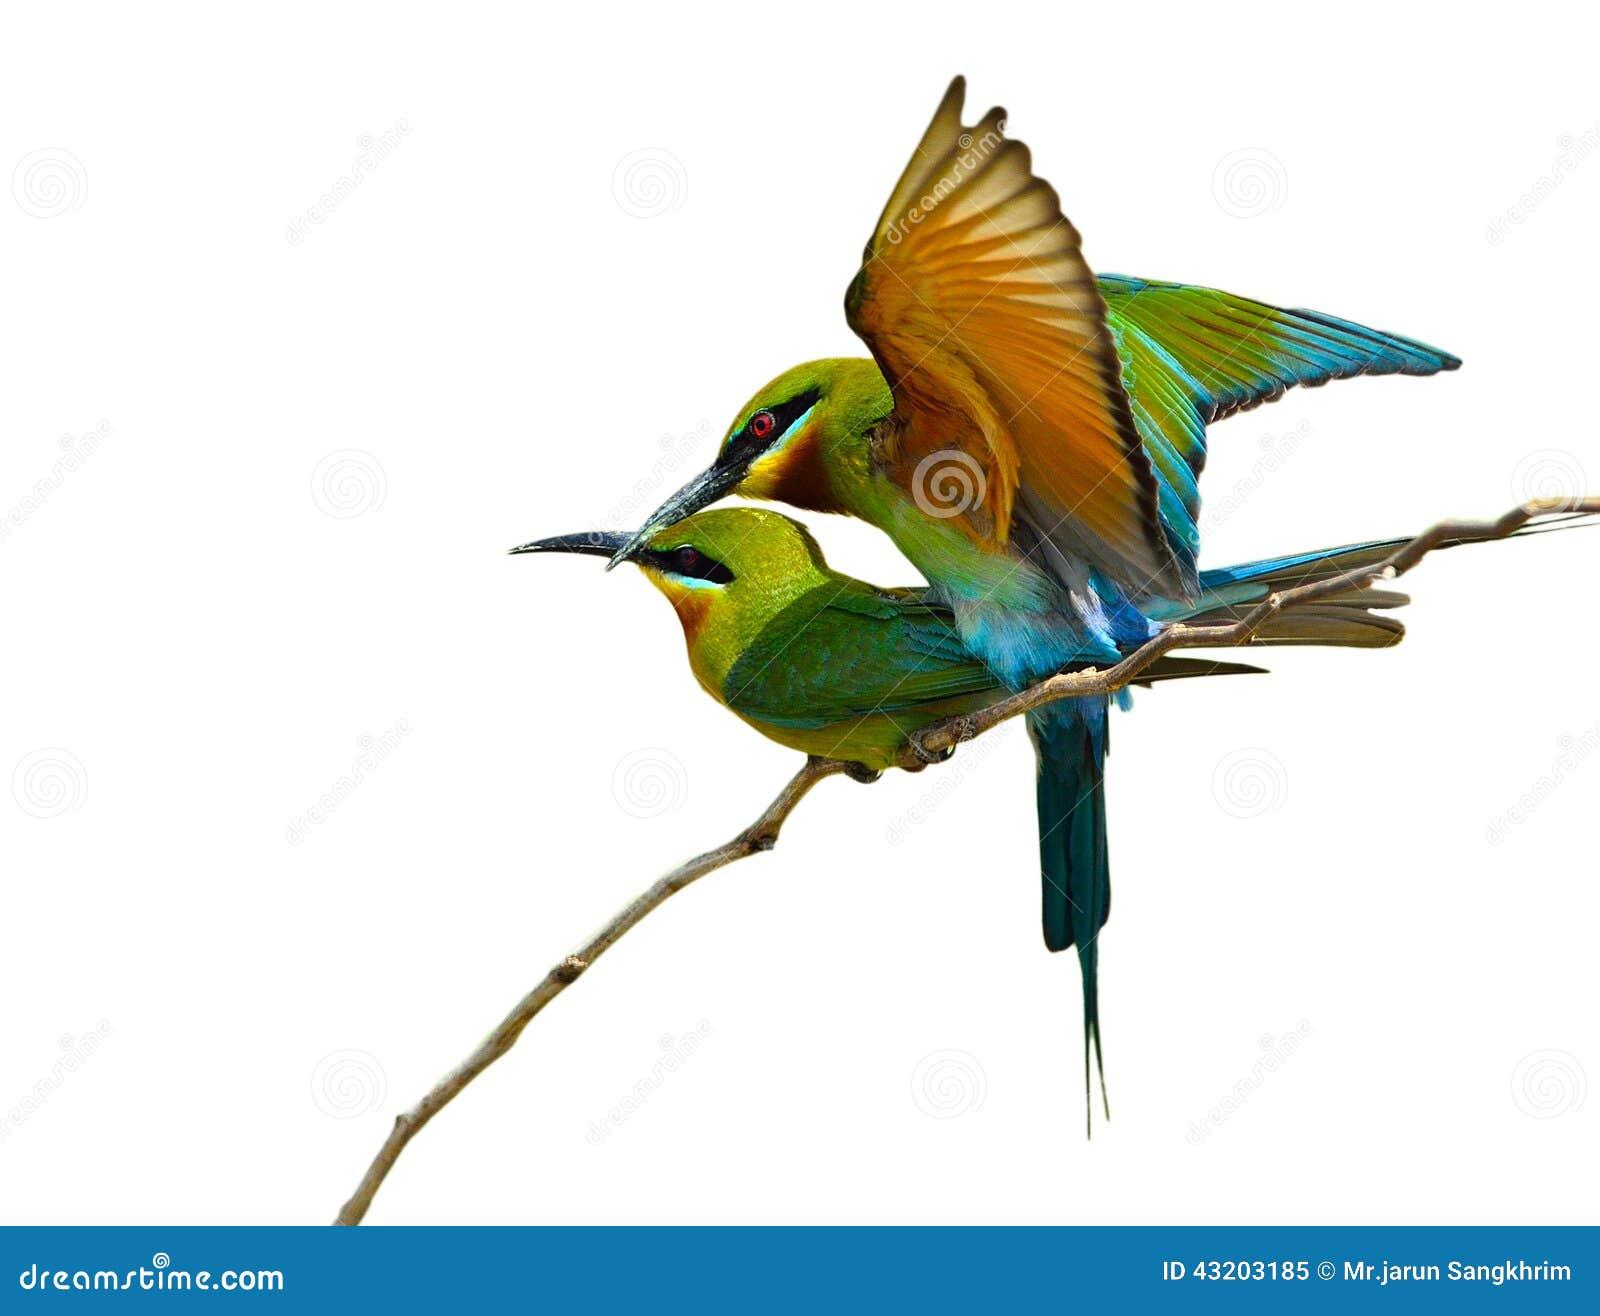 Download Blå undulatfågel fotografering för bildbyråer. Bild av angus - 43203185